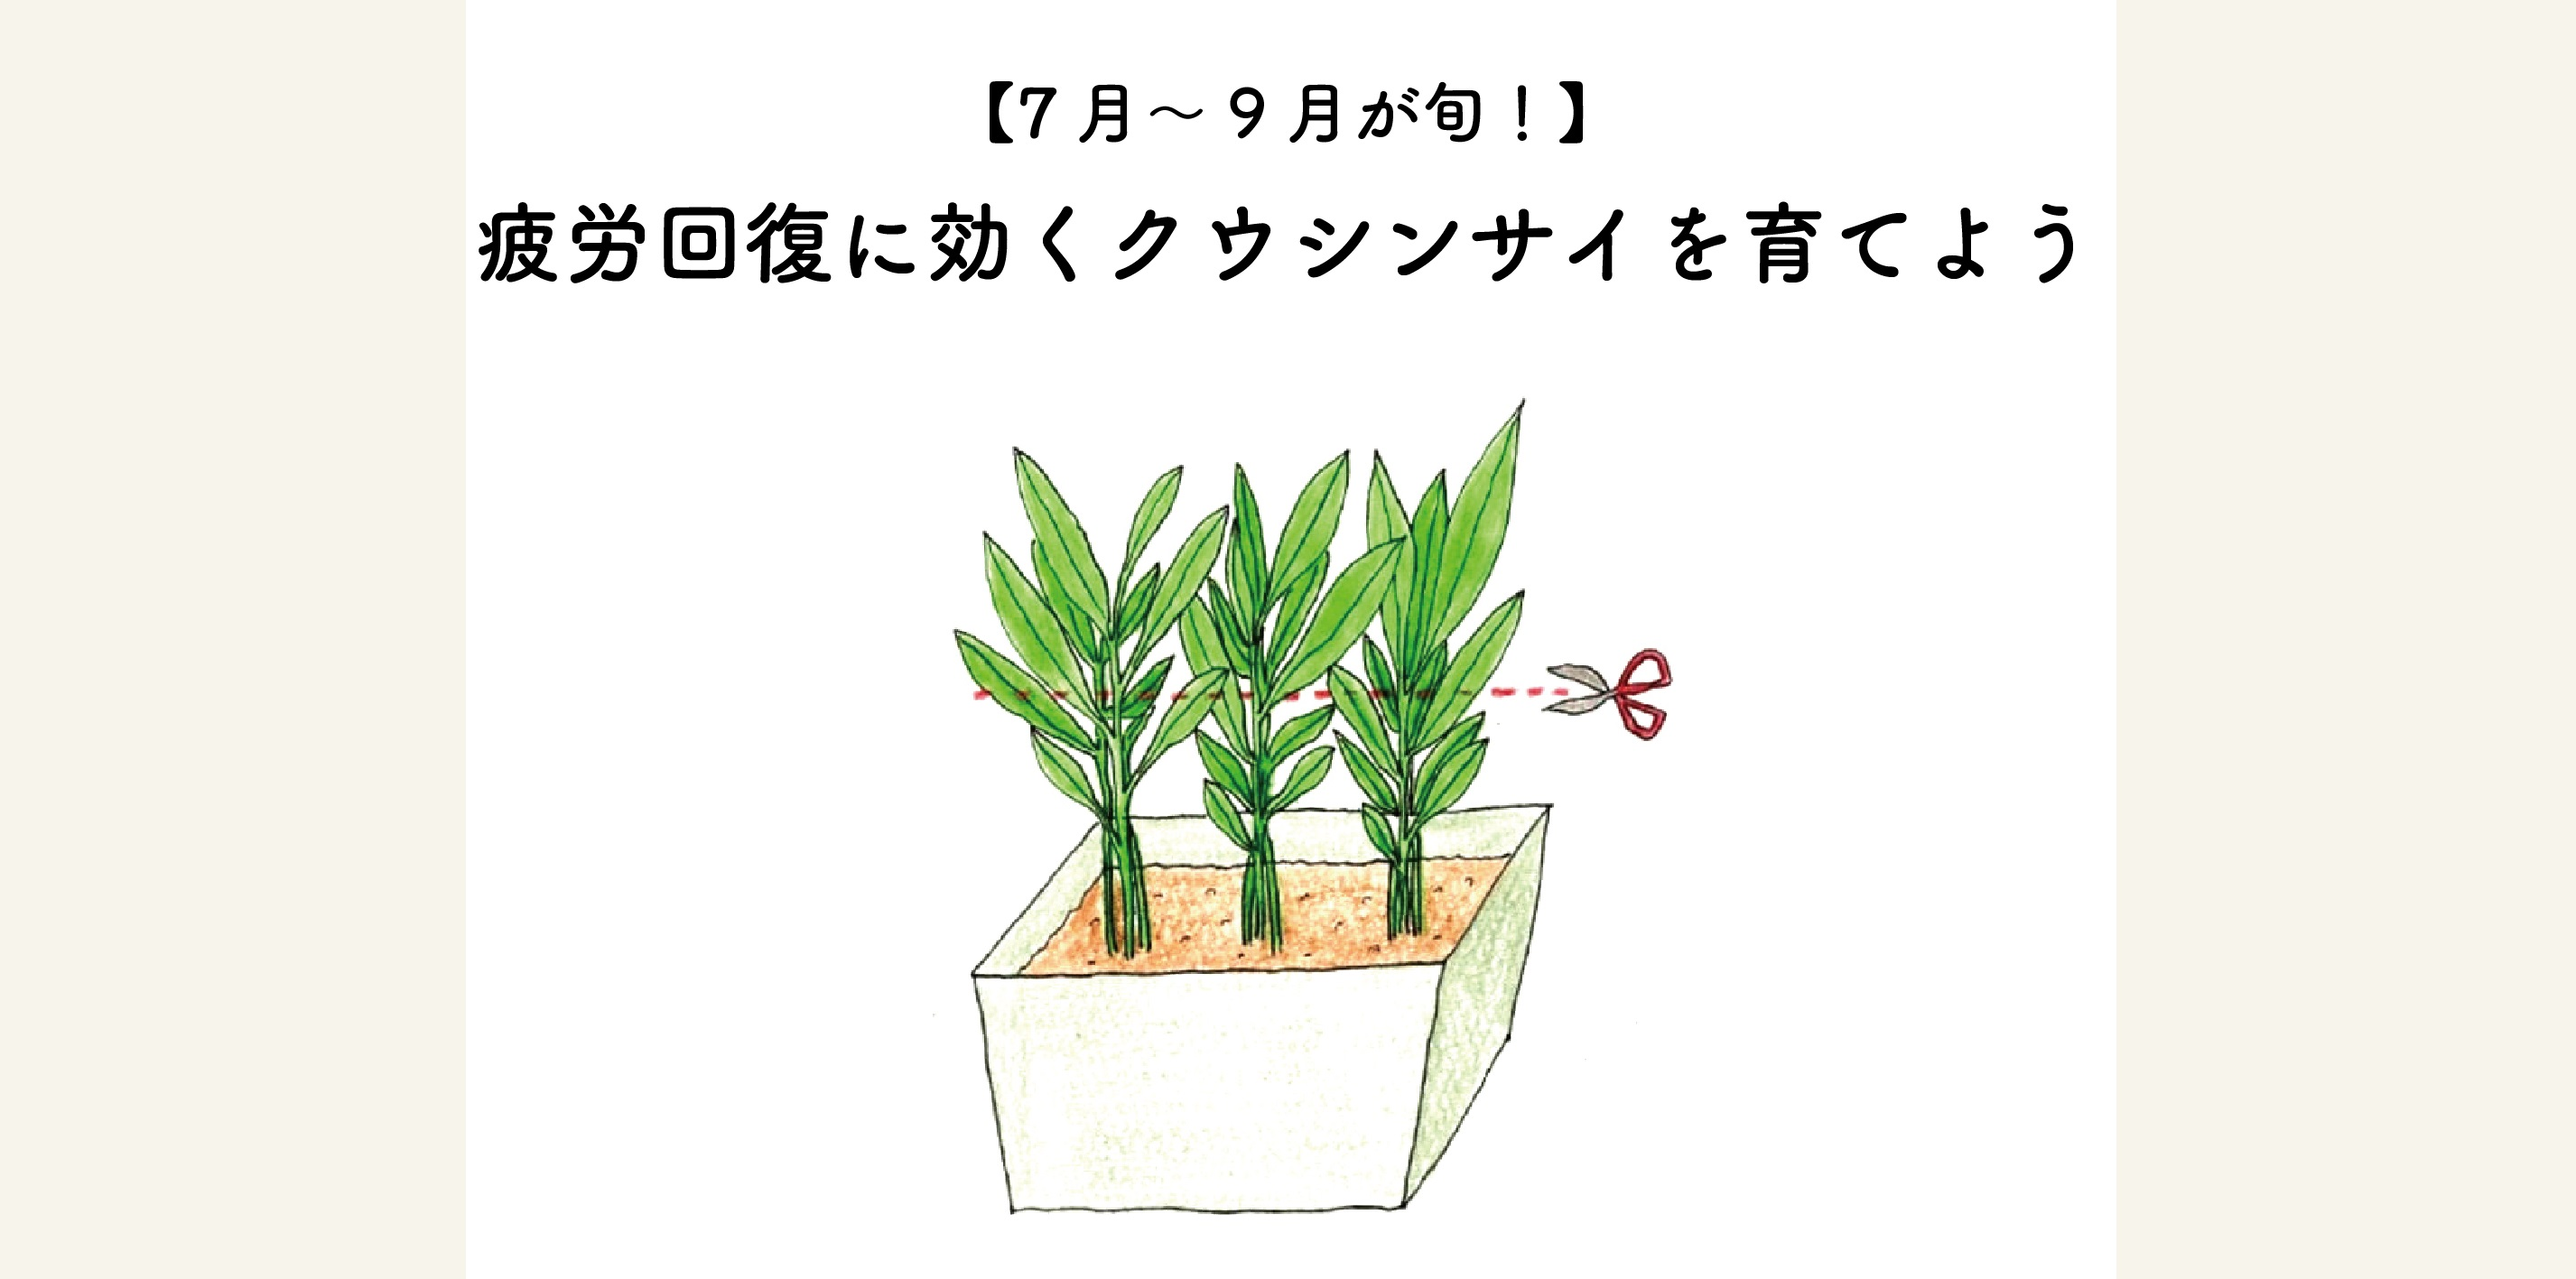 7月から9月が旬の空心菜の育て方